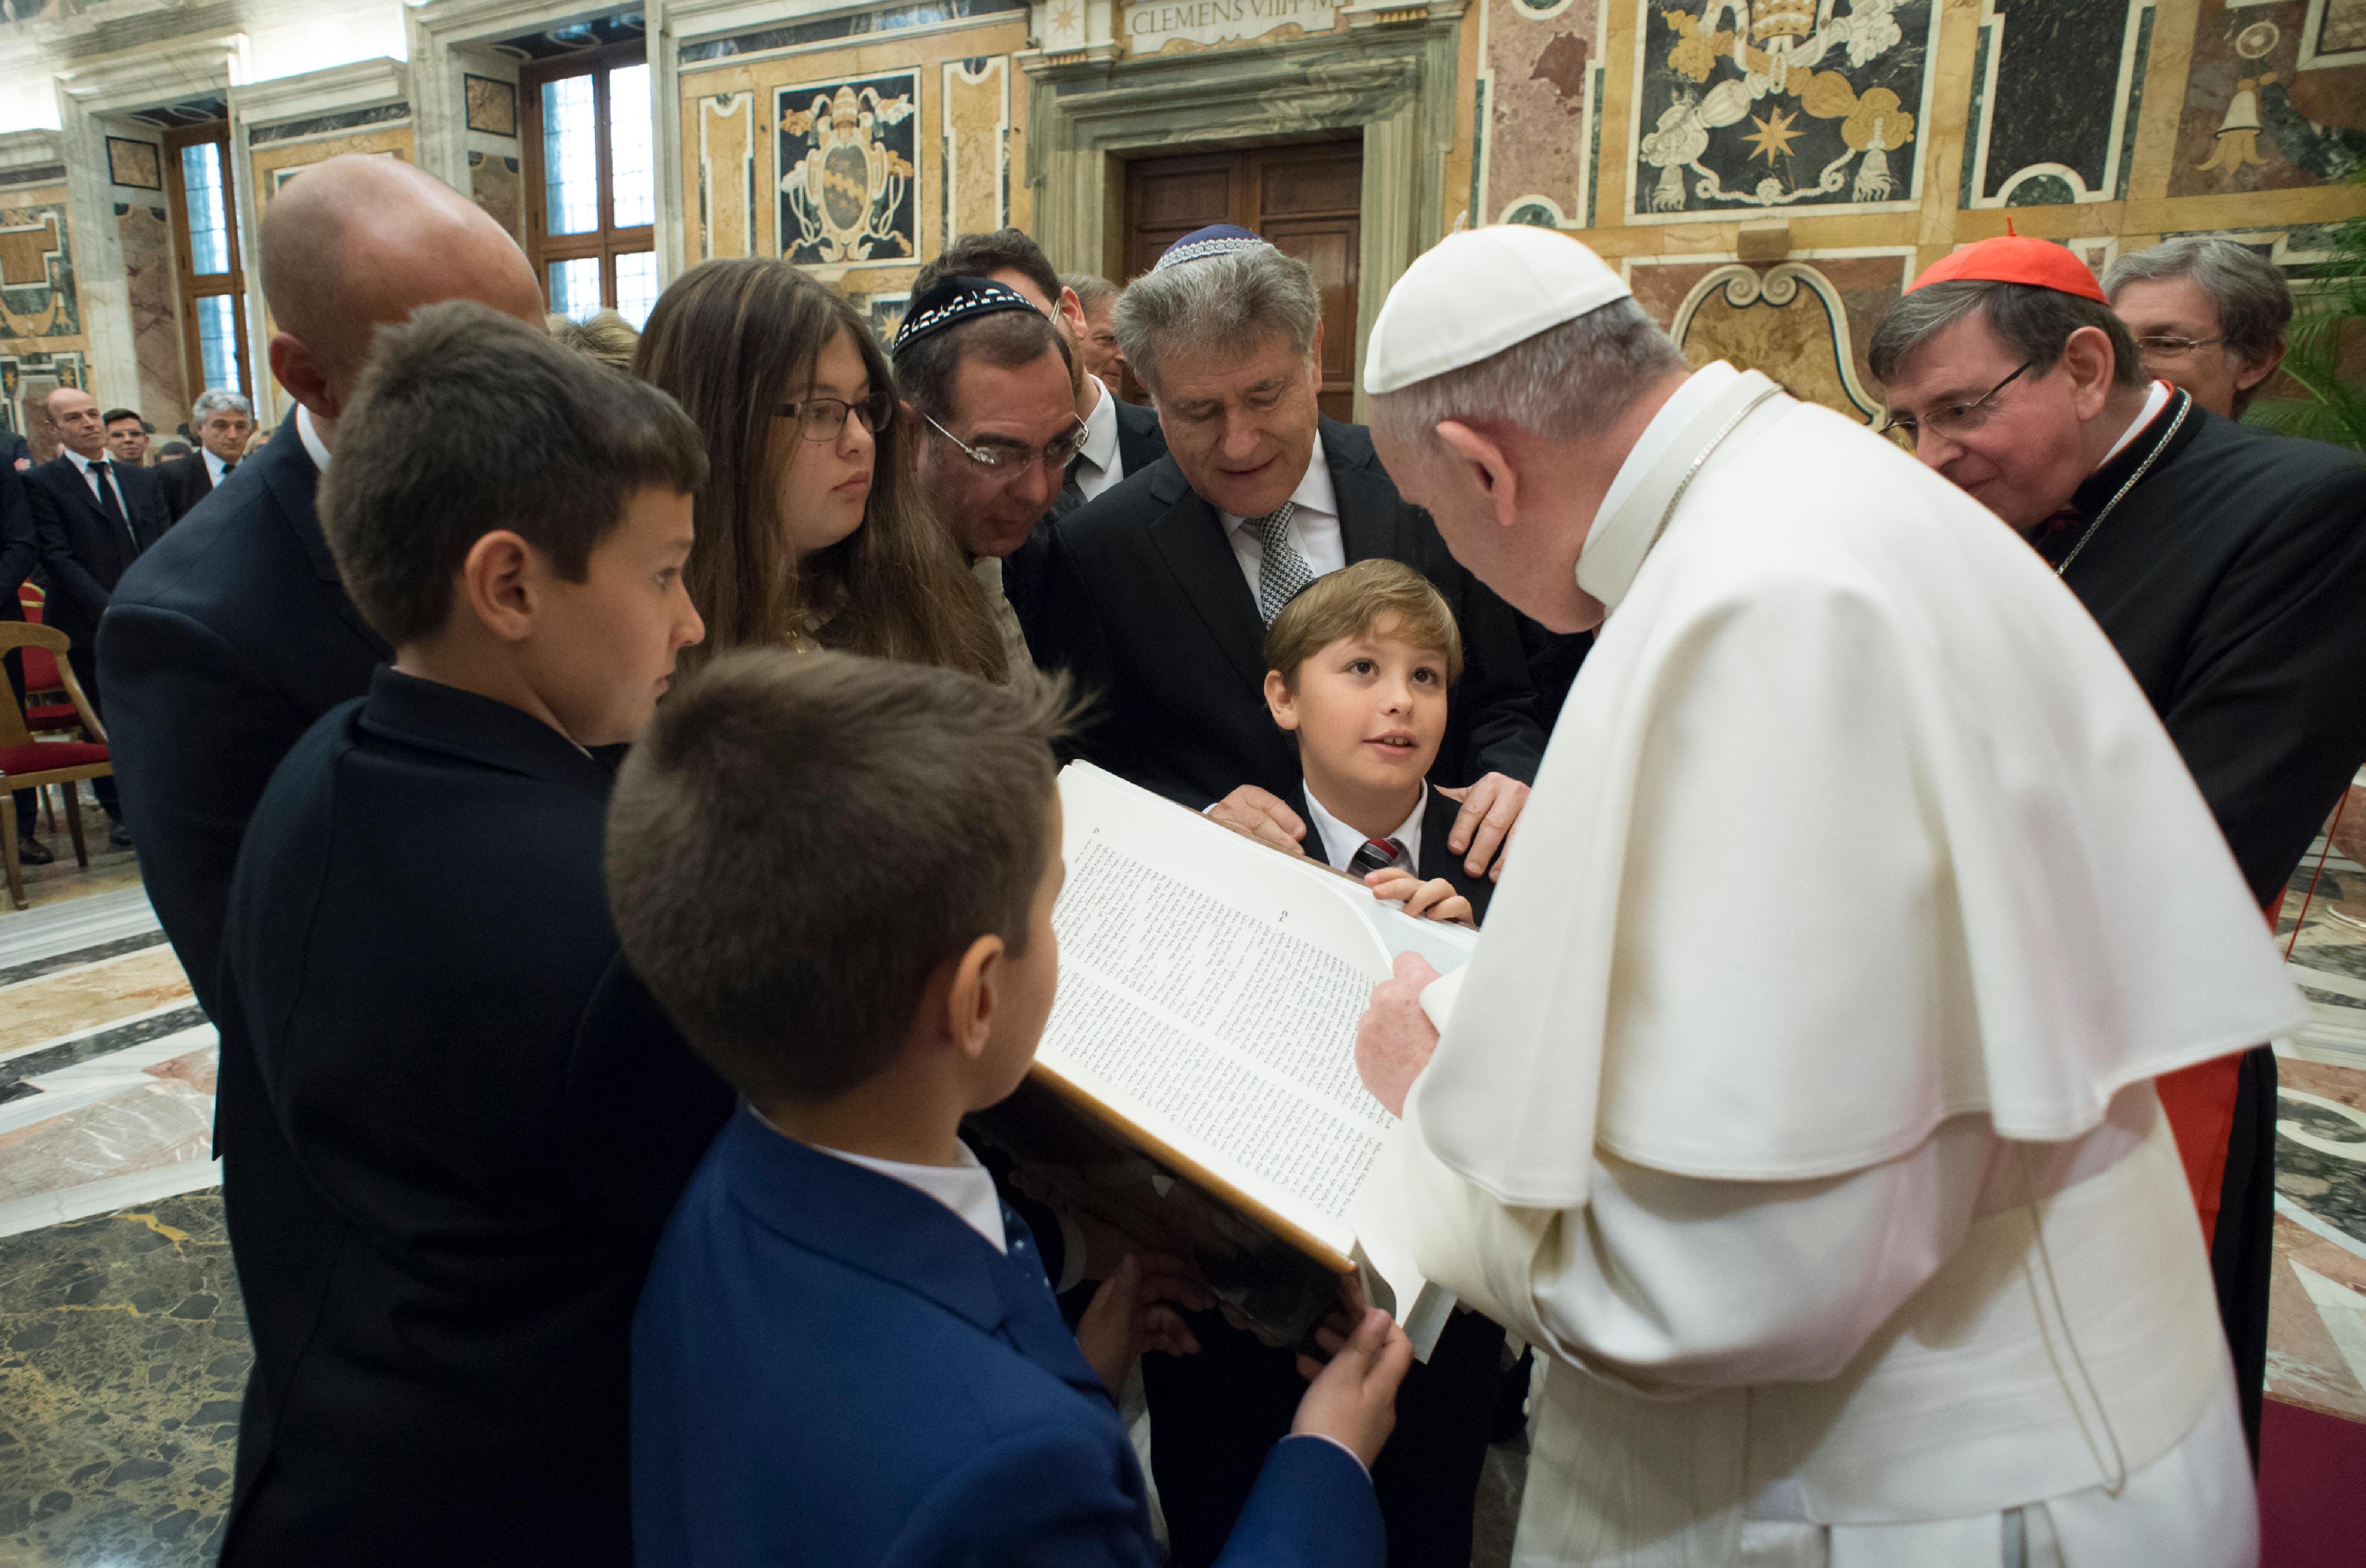 Le rabbin Skorka présente une nouvelle édition de la Torah © L'Osservatore Romano